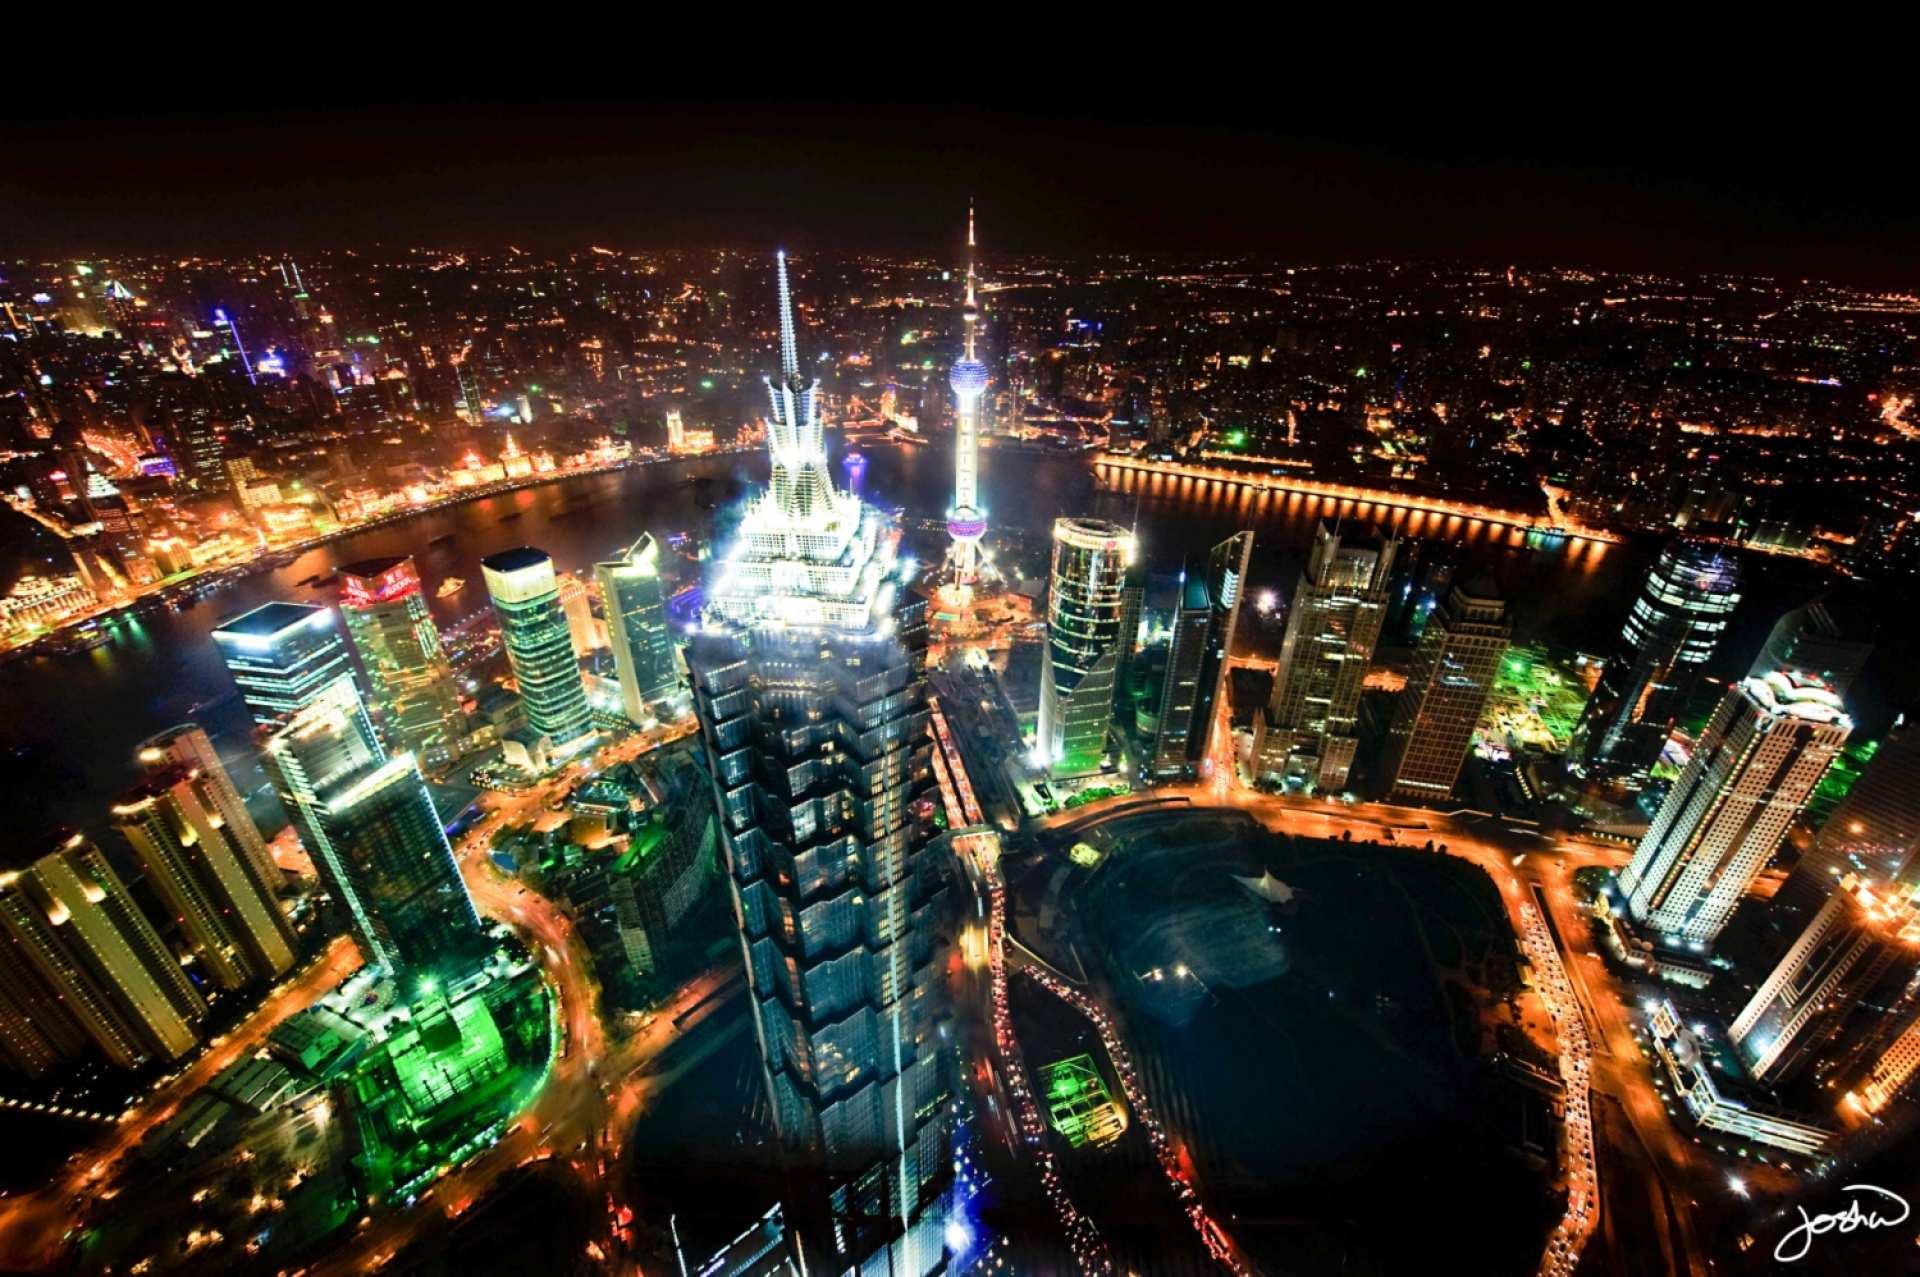 【上海環球金融中心】97 + 100層觀光廳優惠門票